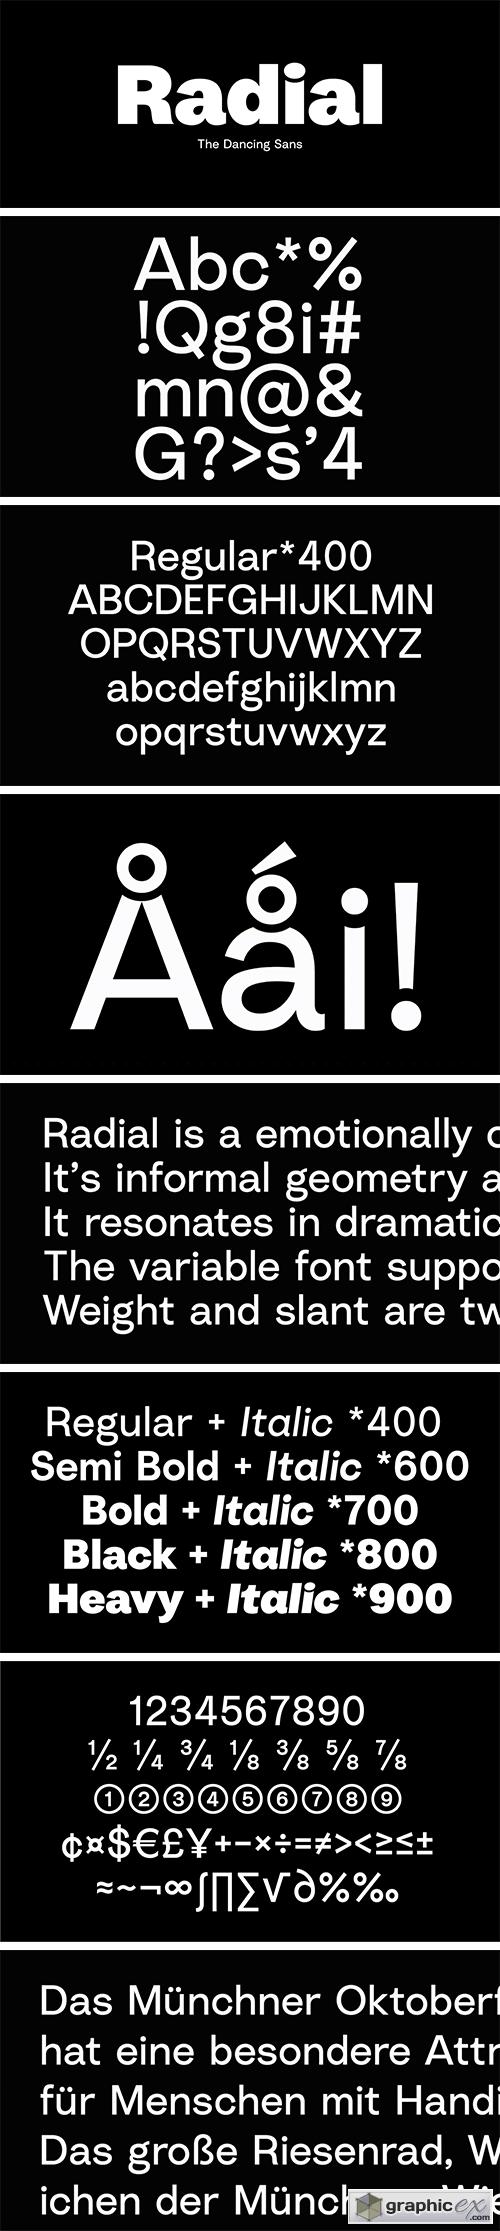 Radial Font Family